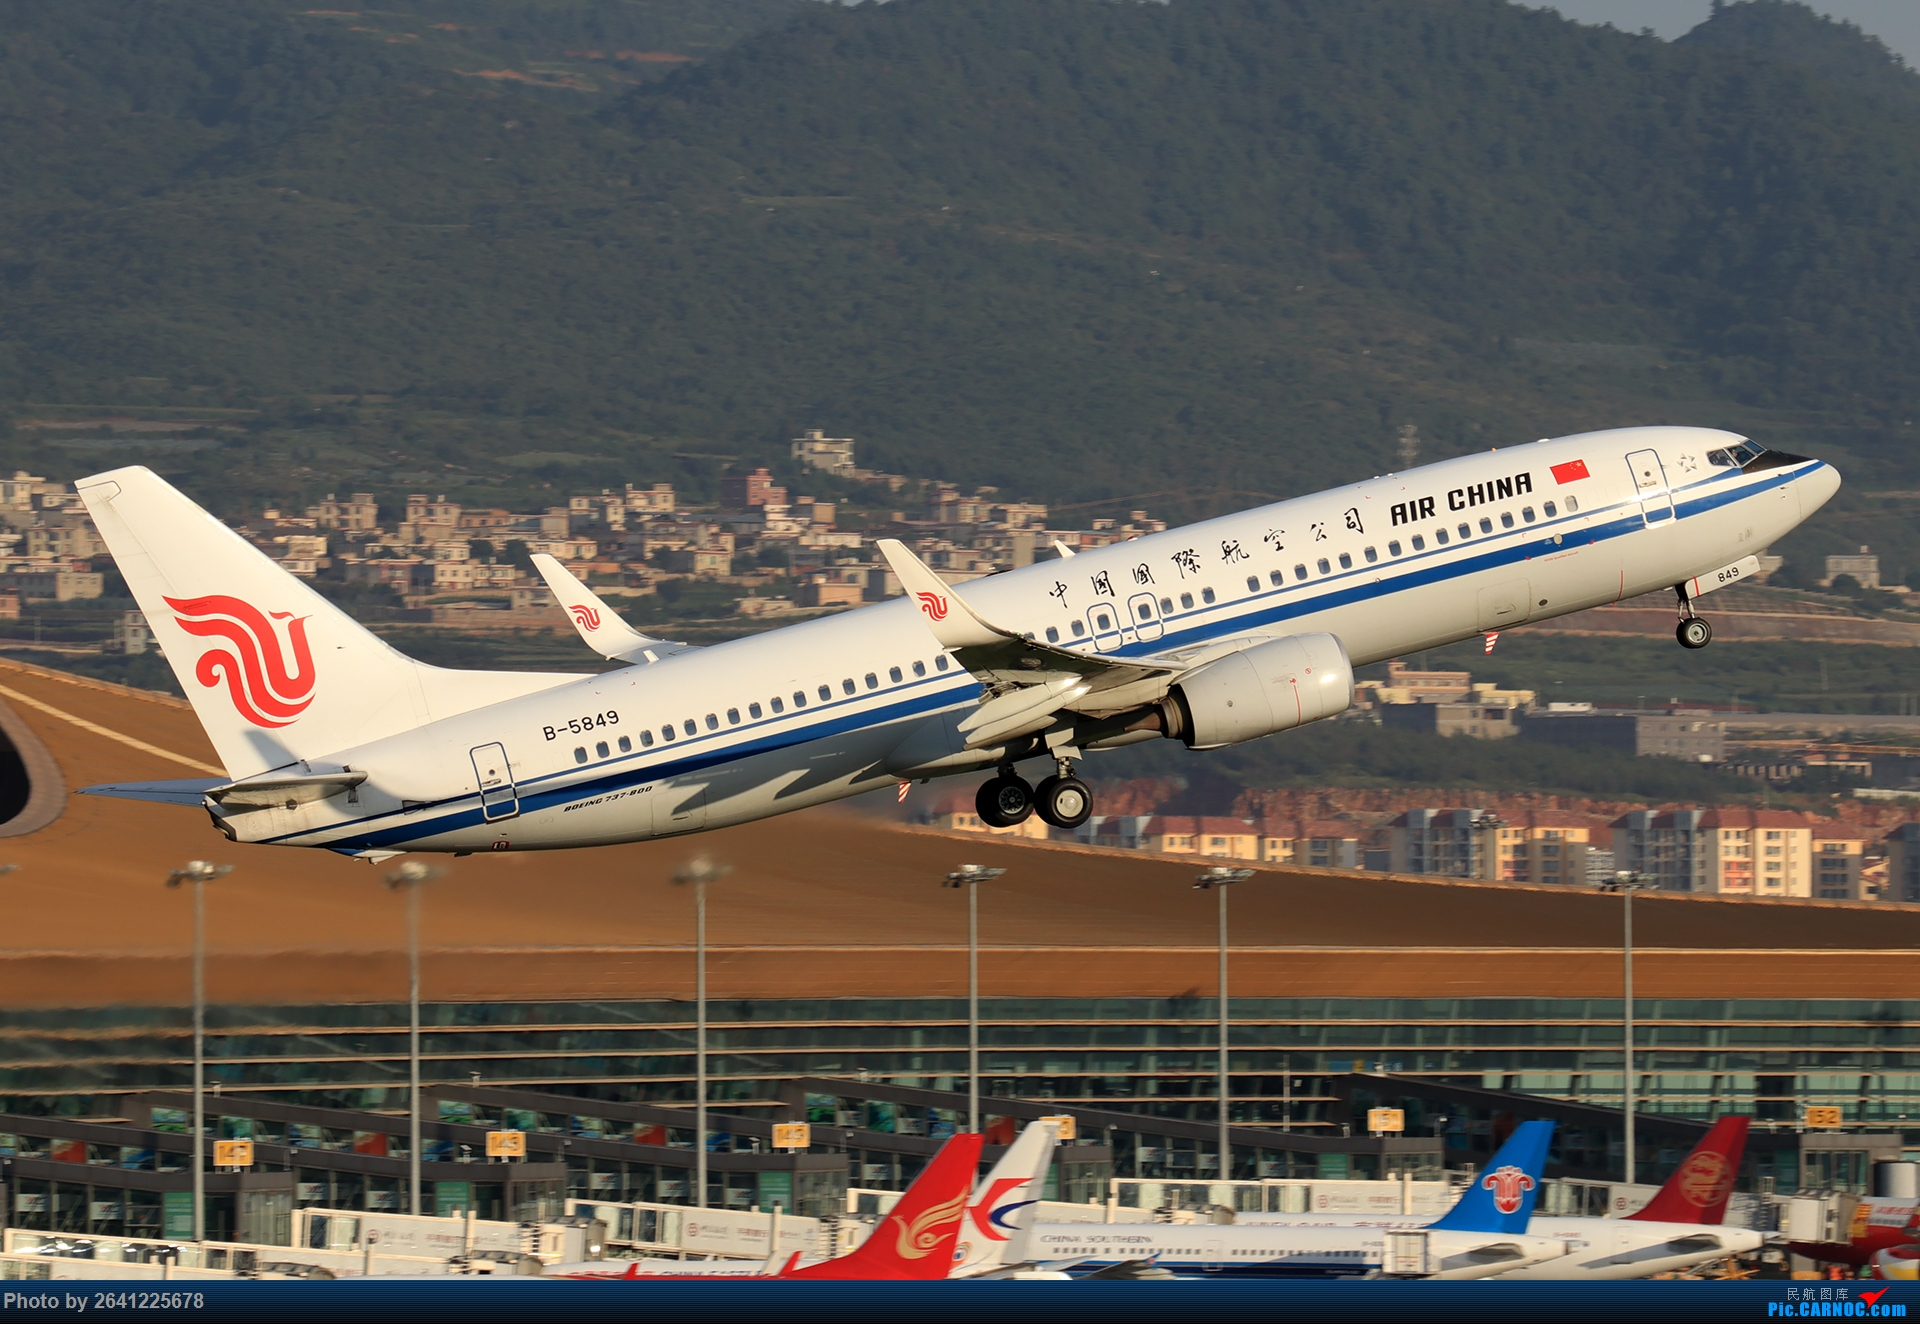 Re:[原创]【KMG】又见长水(3)——晴天西跑,你们要的宽体都在这了(图略多,看官慢慢看) BOEING 737-800 B-5849 中国昆明长水国际机场